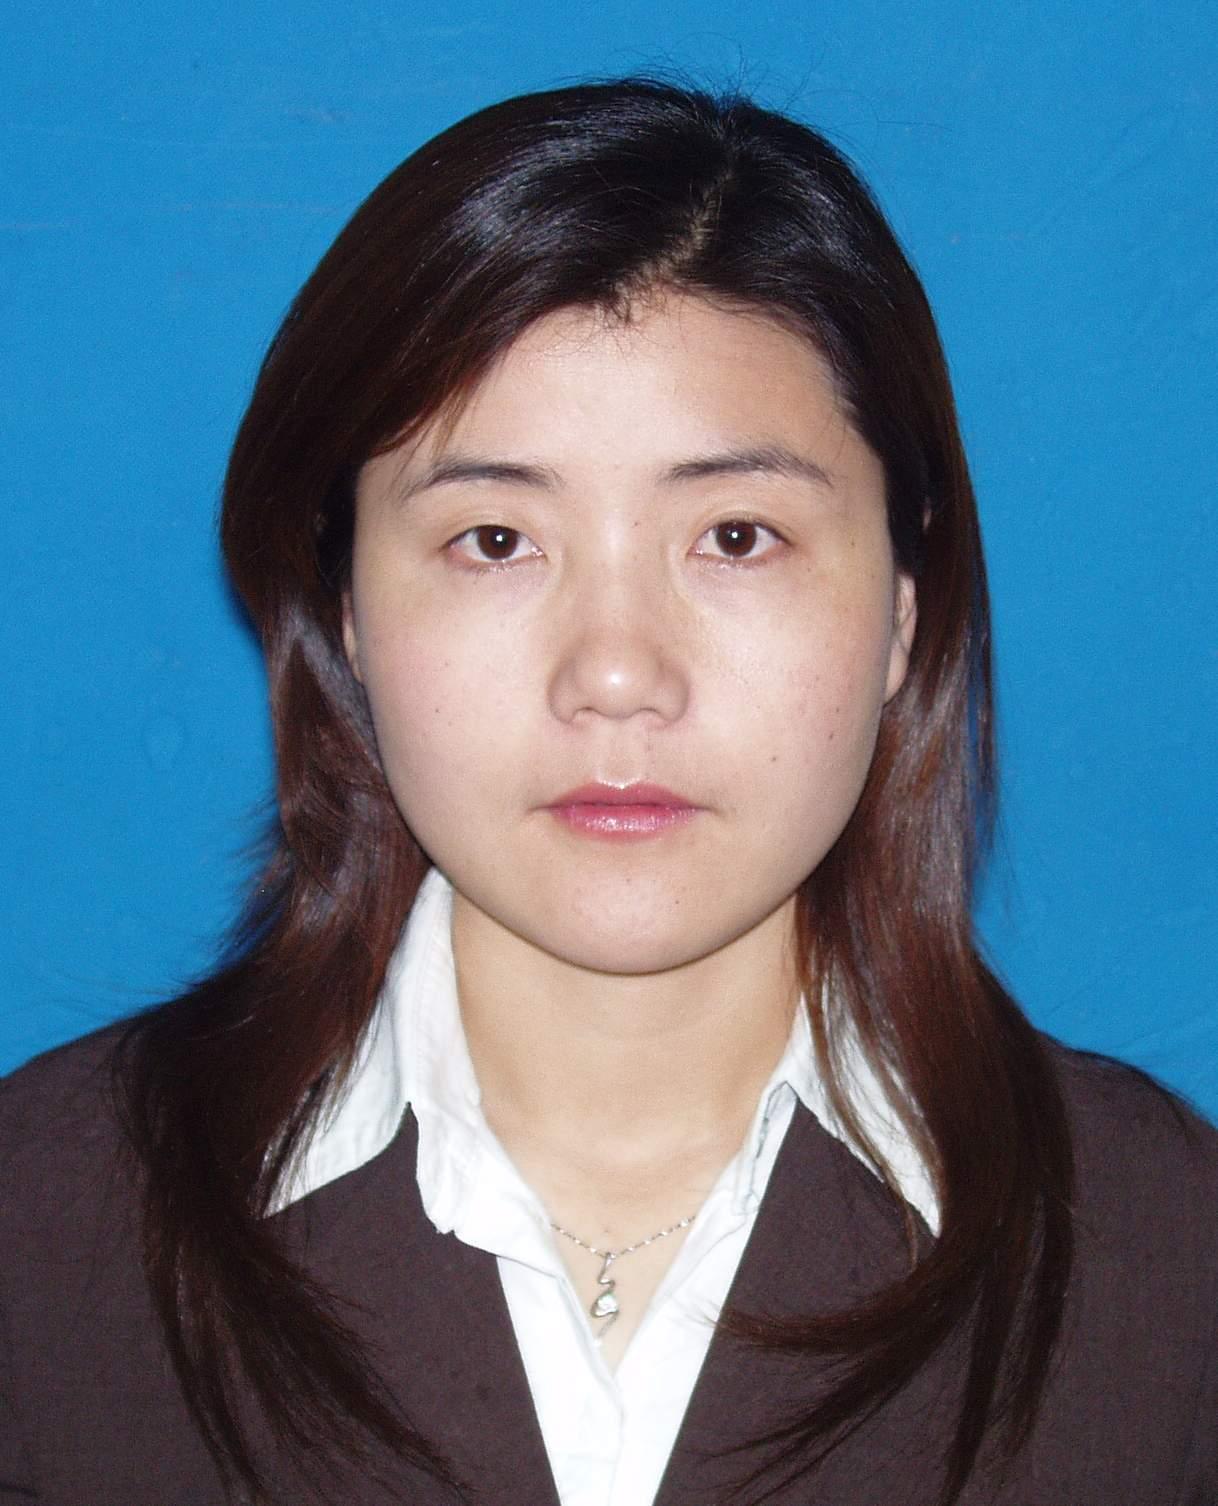 韩丽梅律师信息_韩丽梅律师个人案例 - 律师百科网